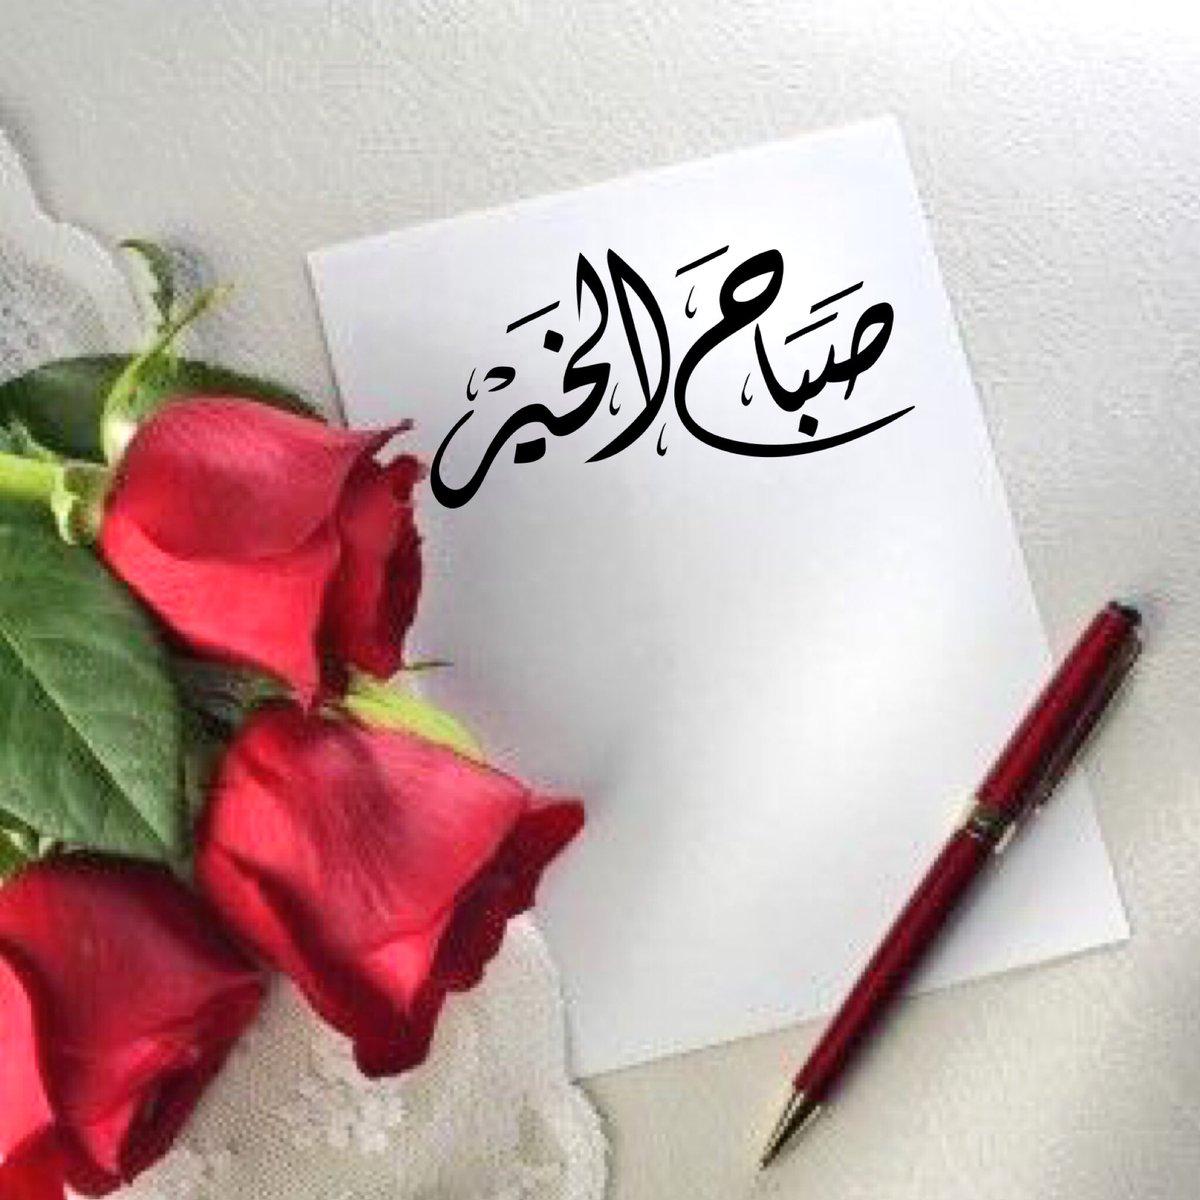 صورة احلى صباح للحبيب , اجمل رسالة صباح للحبيب